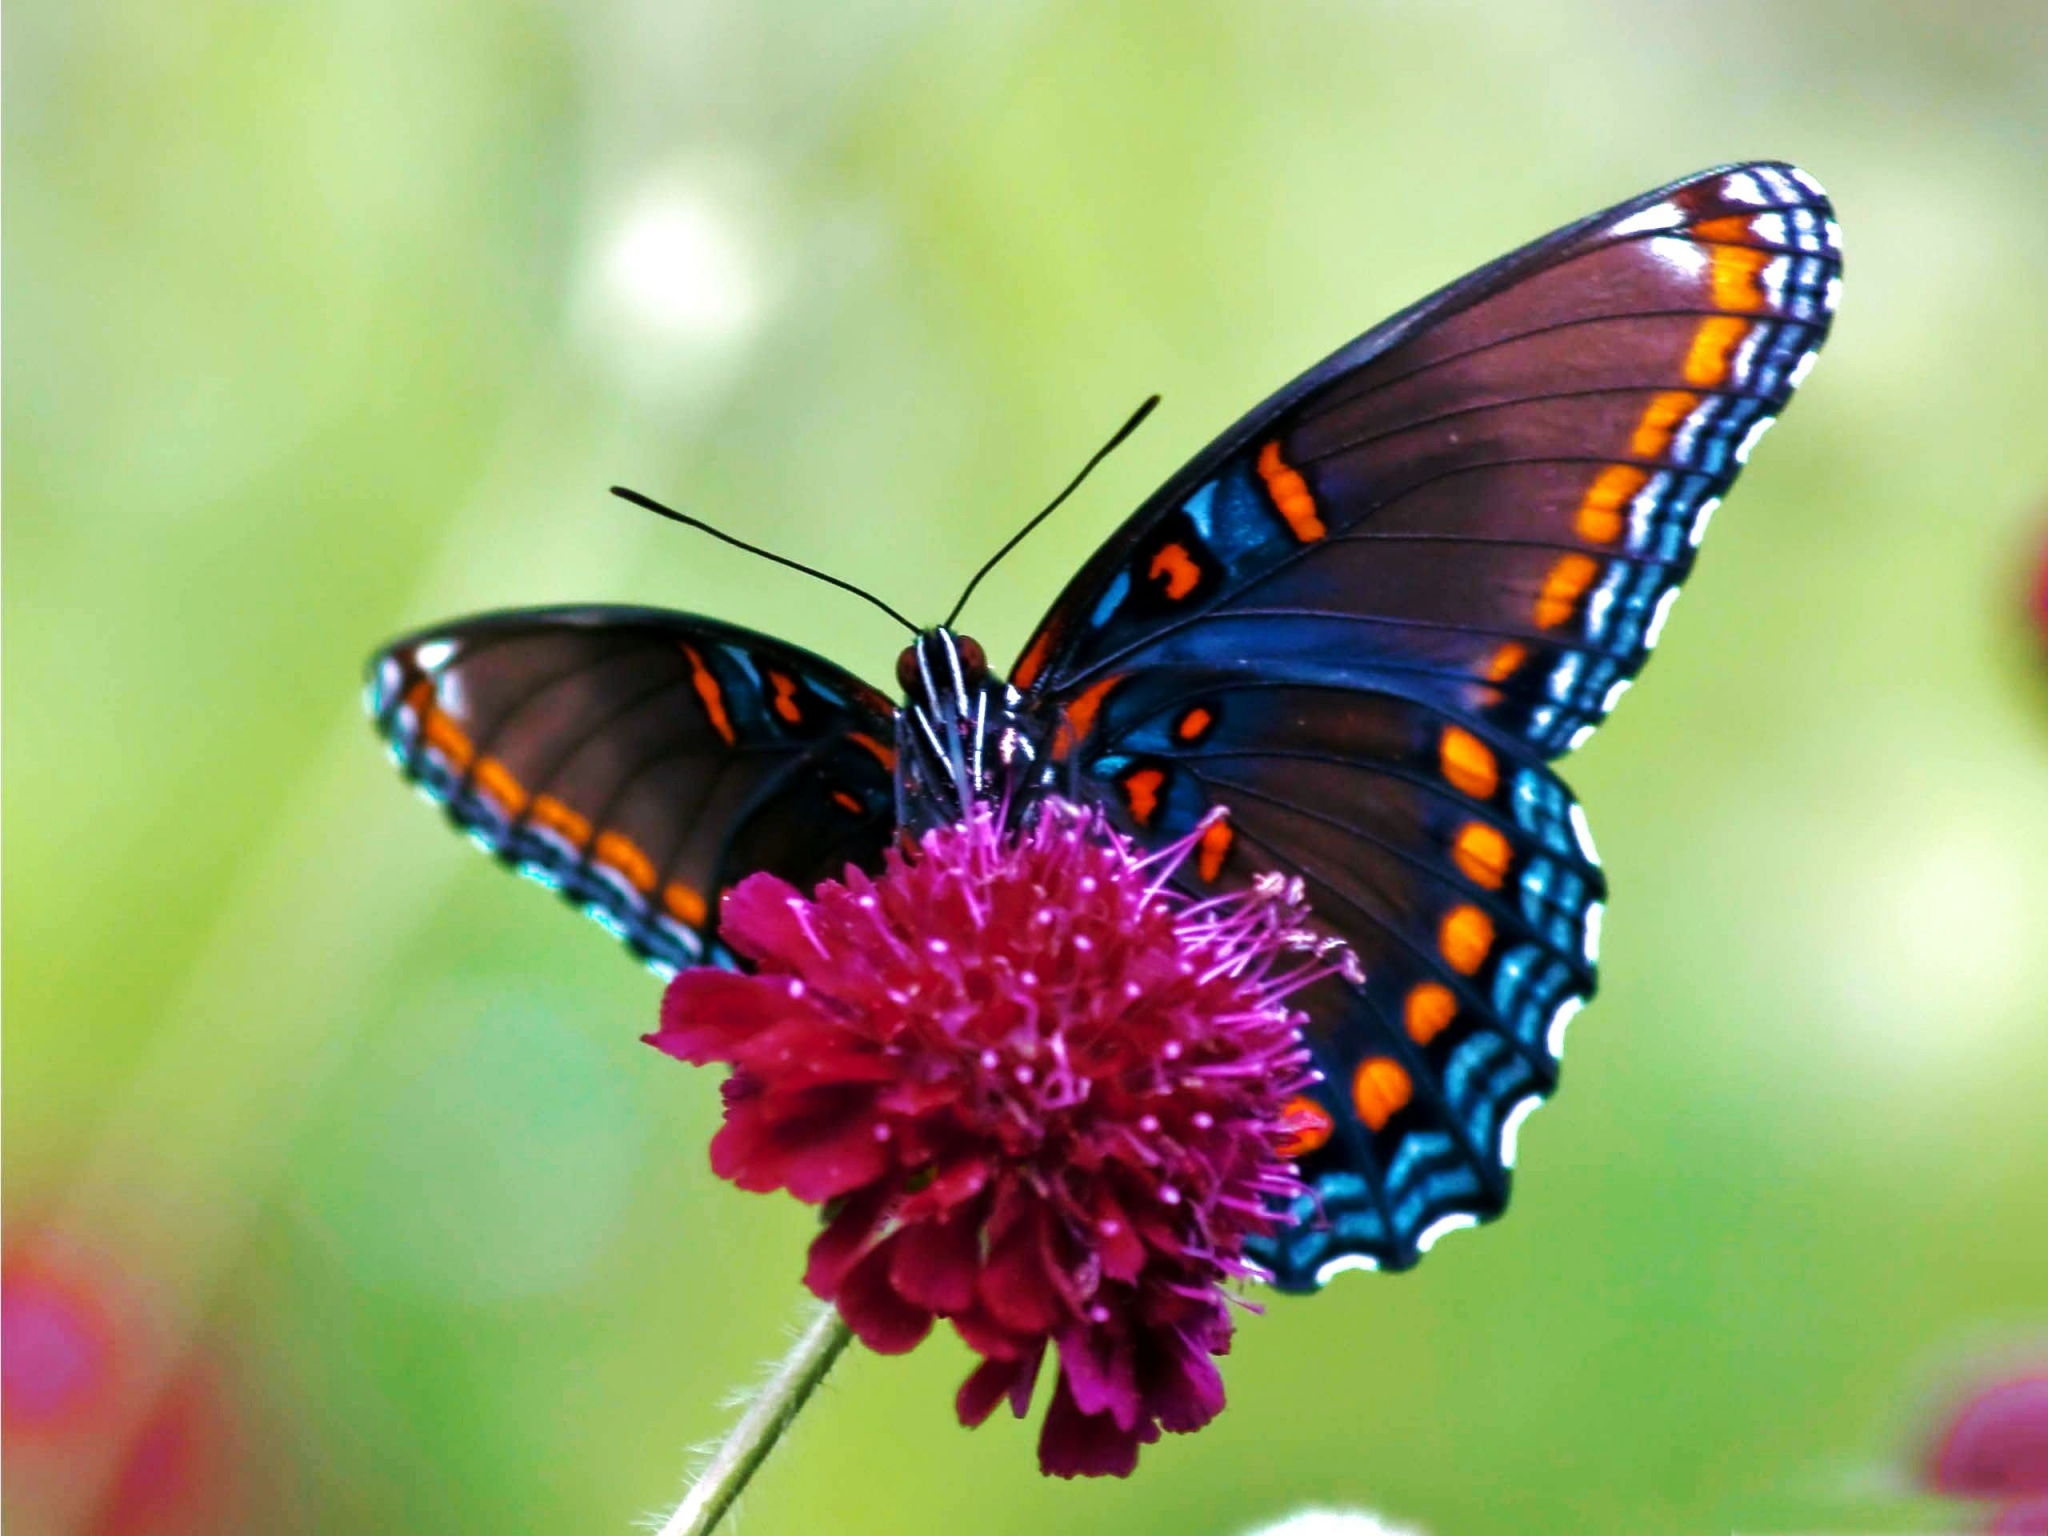 Cánh bướm cam xanh đỏ tía rất đẹp